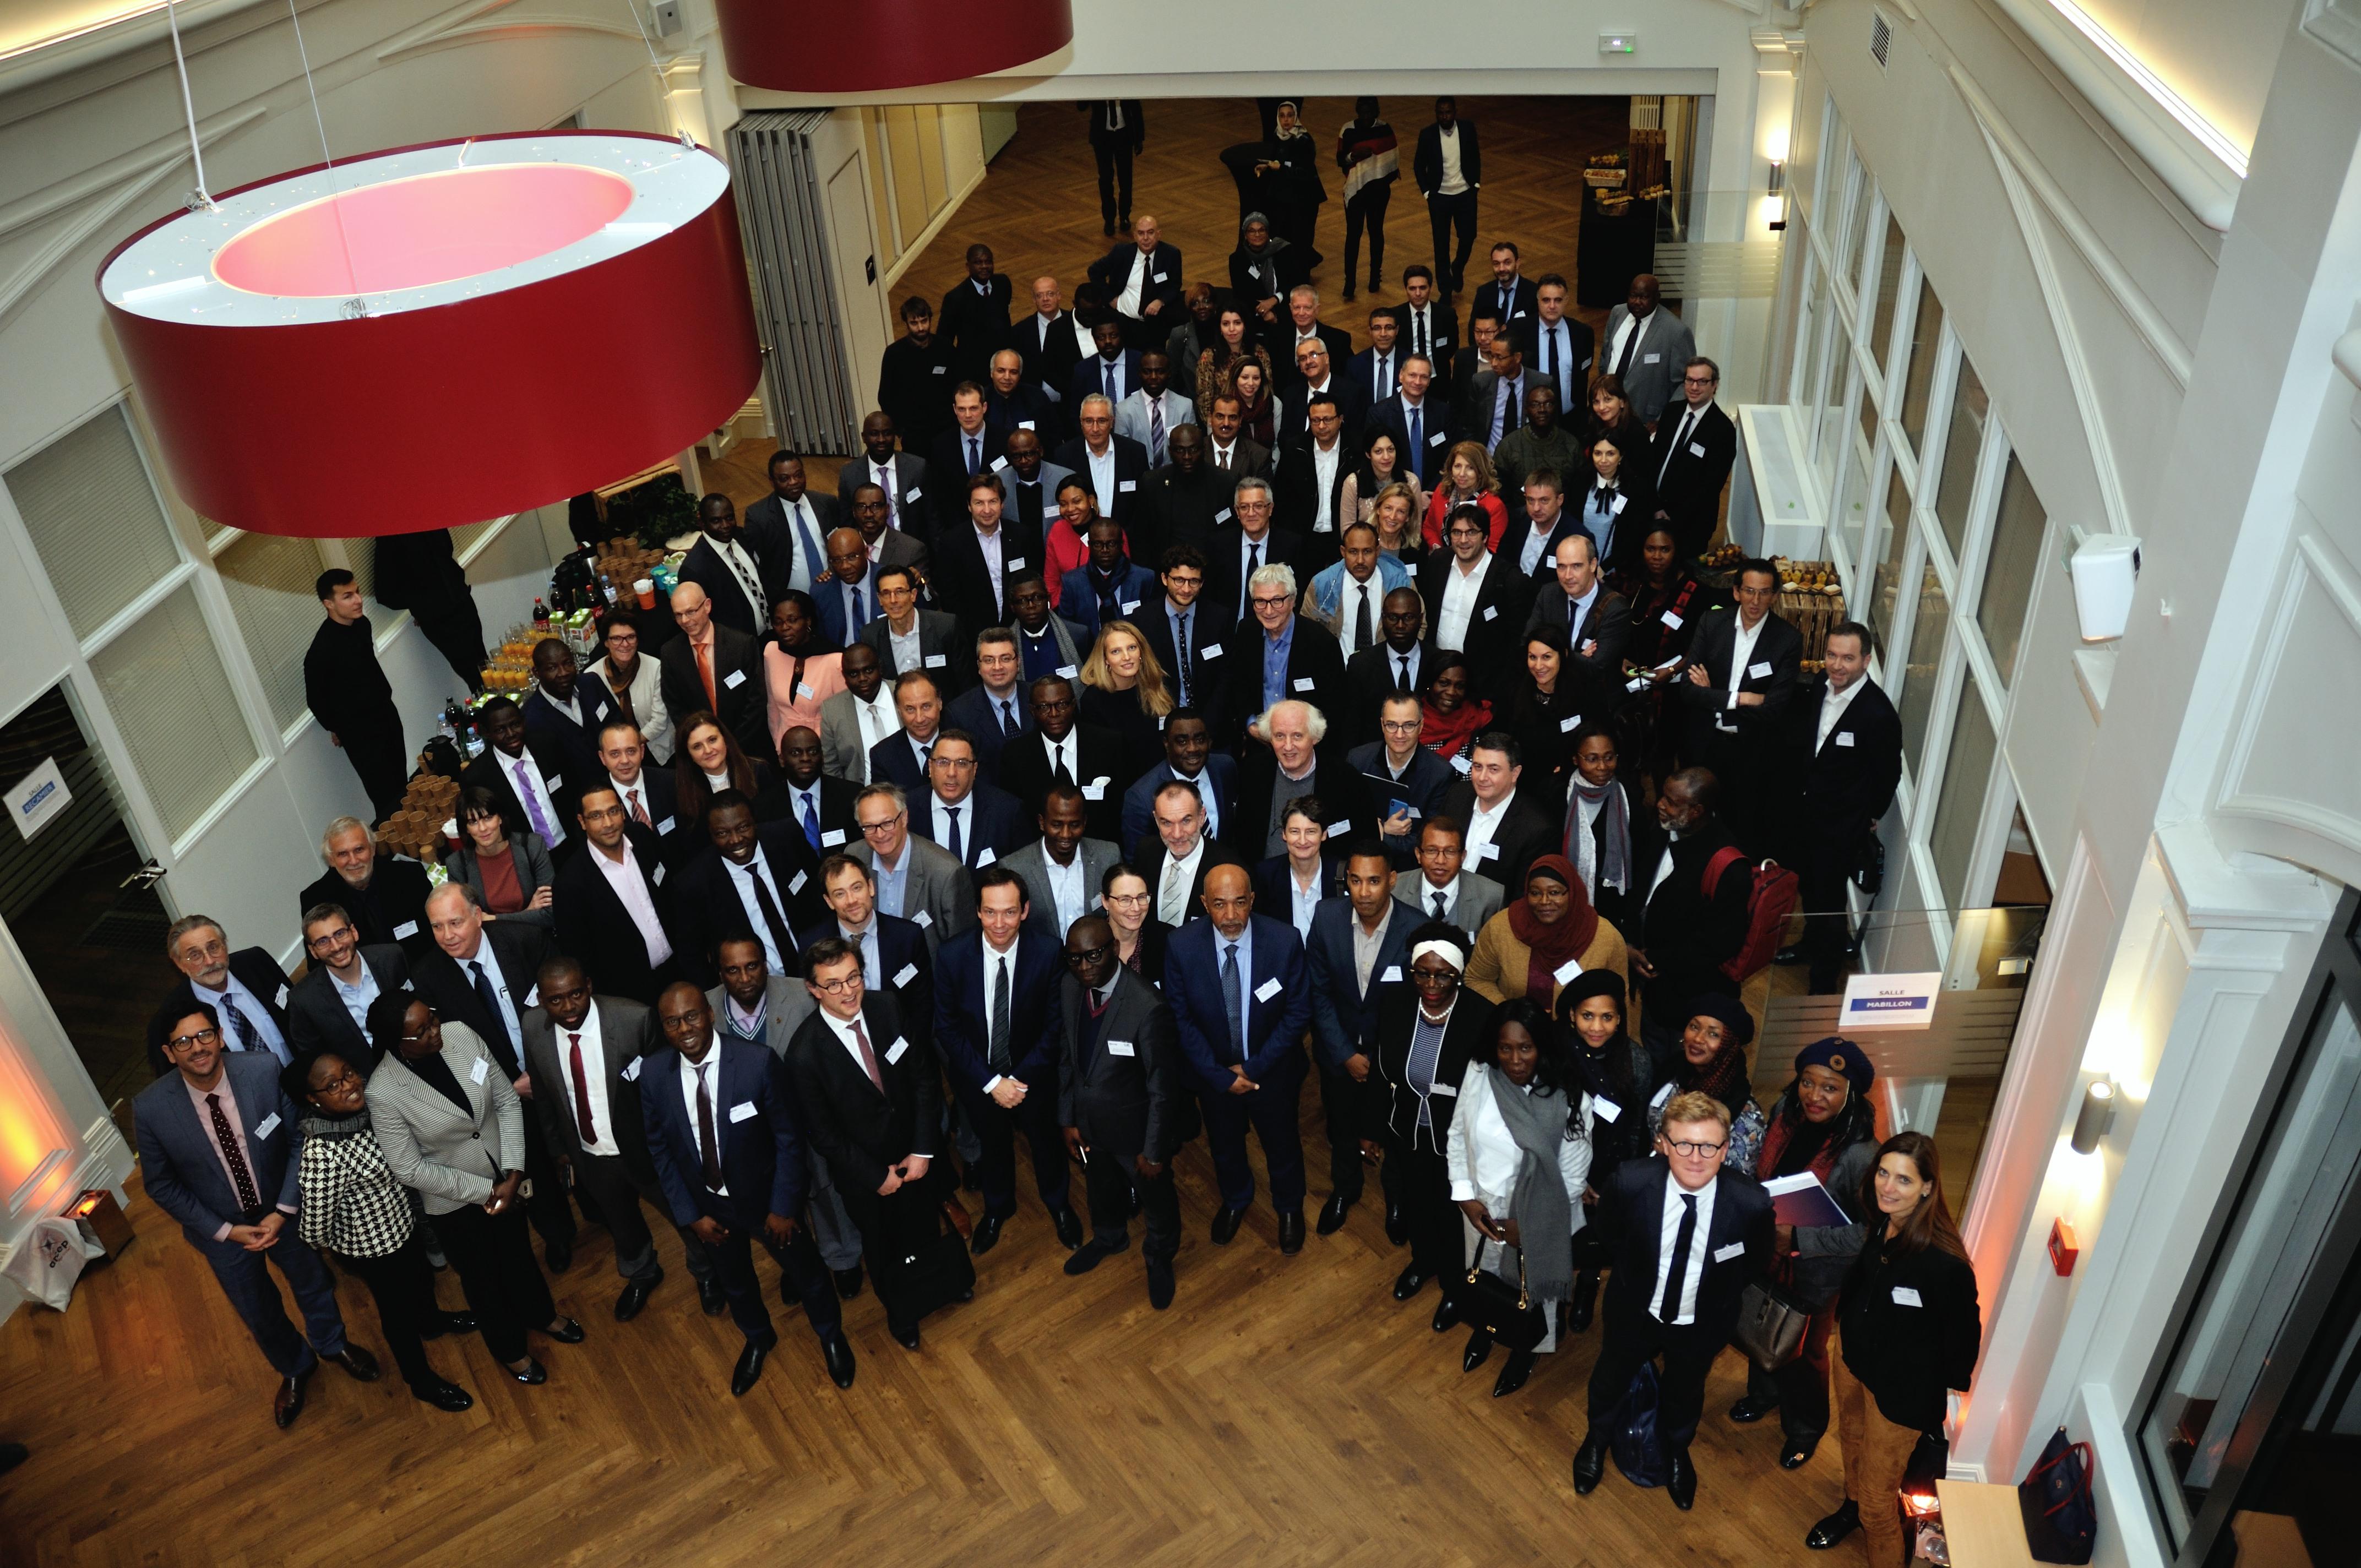 16ème réunion annuelle du réseau Fratel à Paris les 22 et 23 novembre 2018